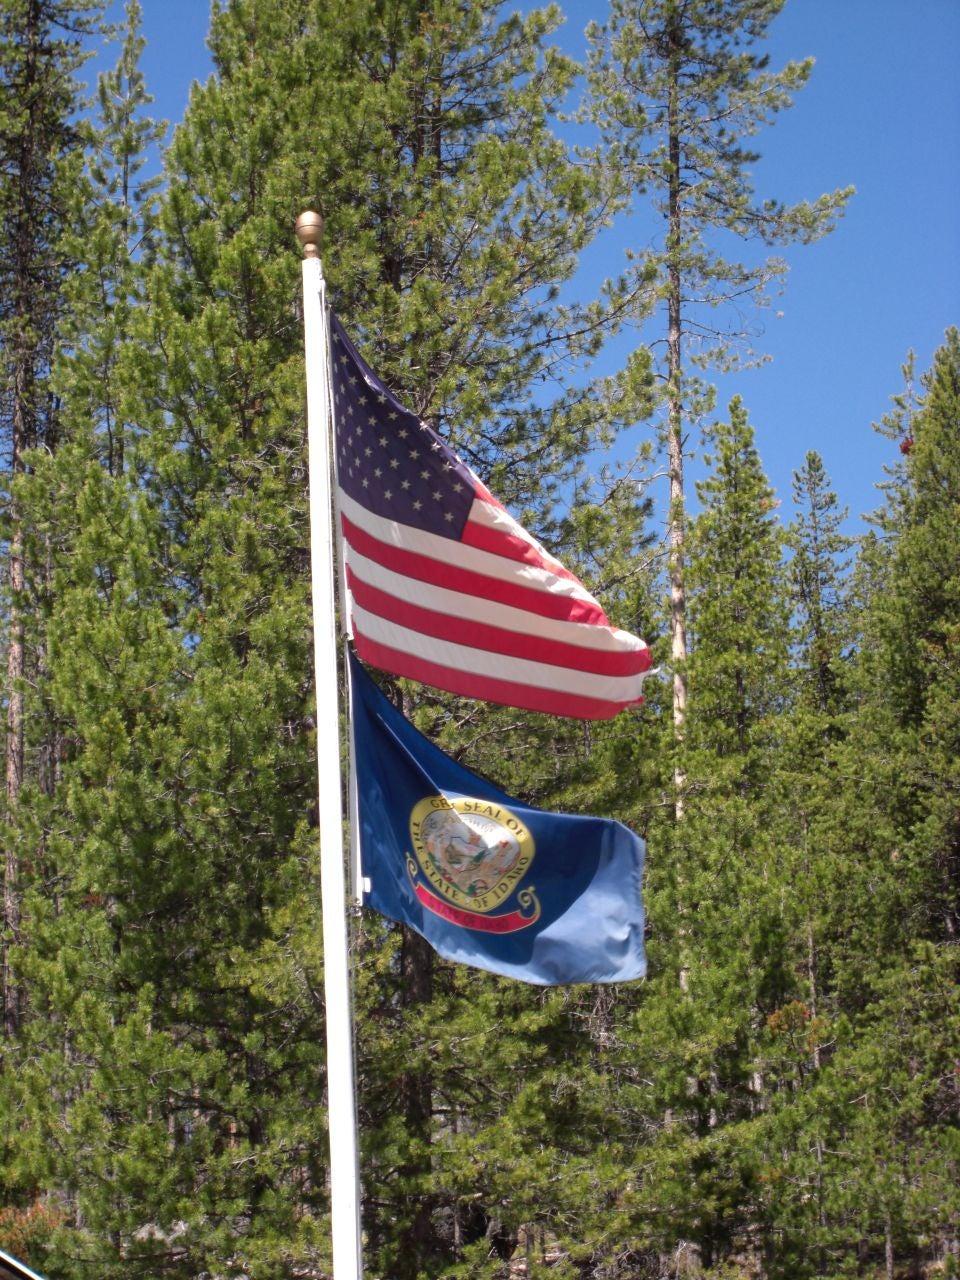 A-Team in Idaho